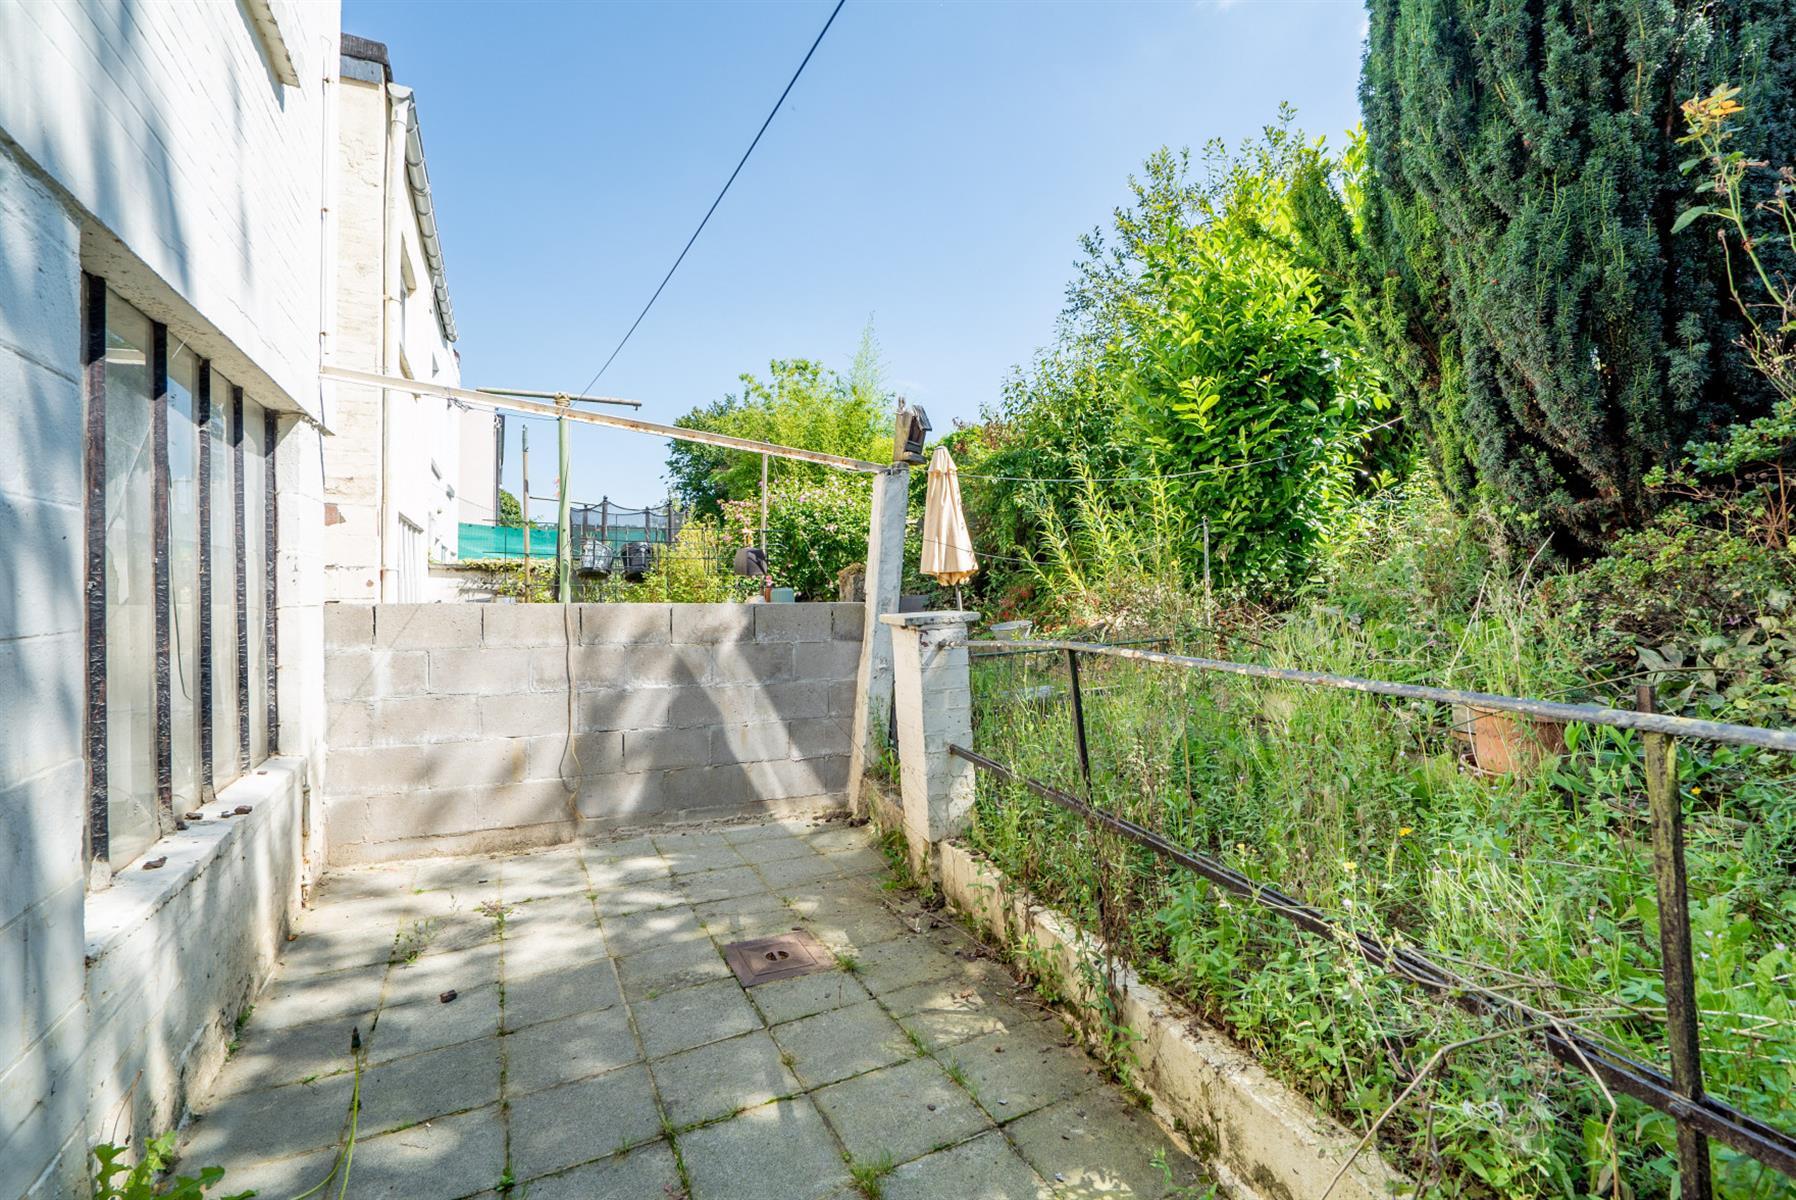 Maison - Court-saint-Étienne - #4499148-17